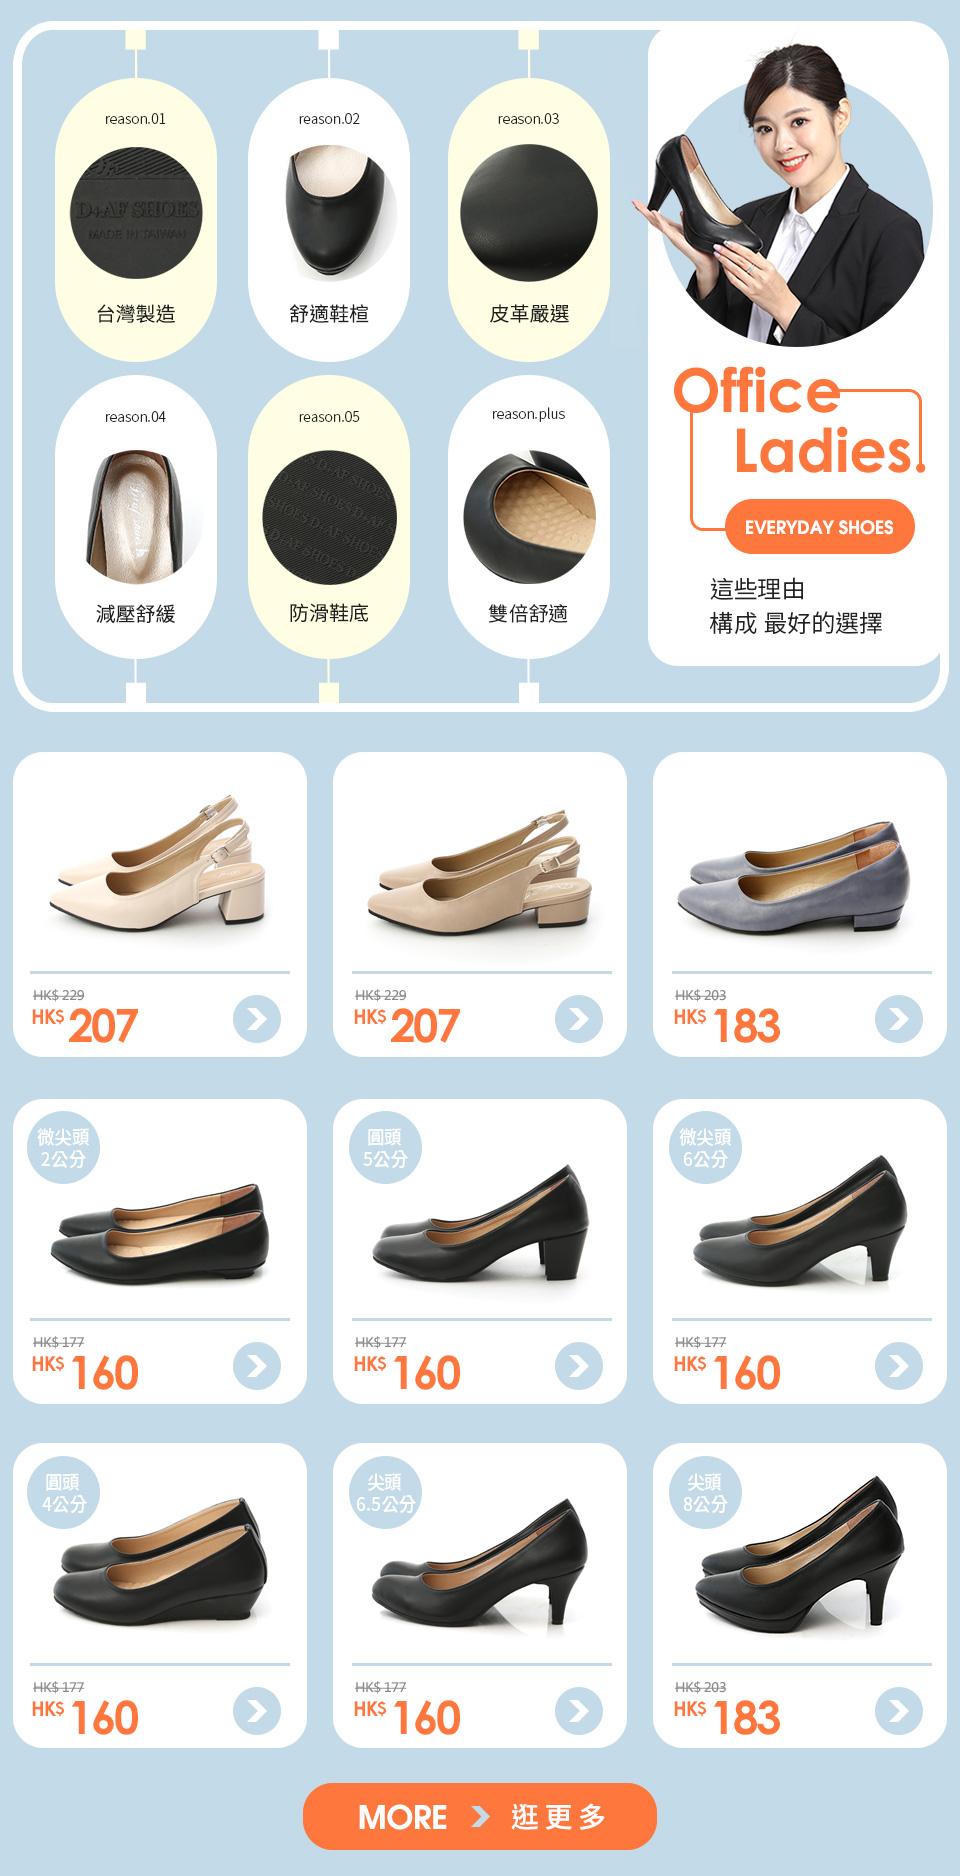 MIT台灣製造 OL上班鞋 高跟鞋 限時9折 香港HK